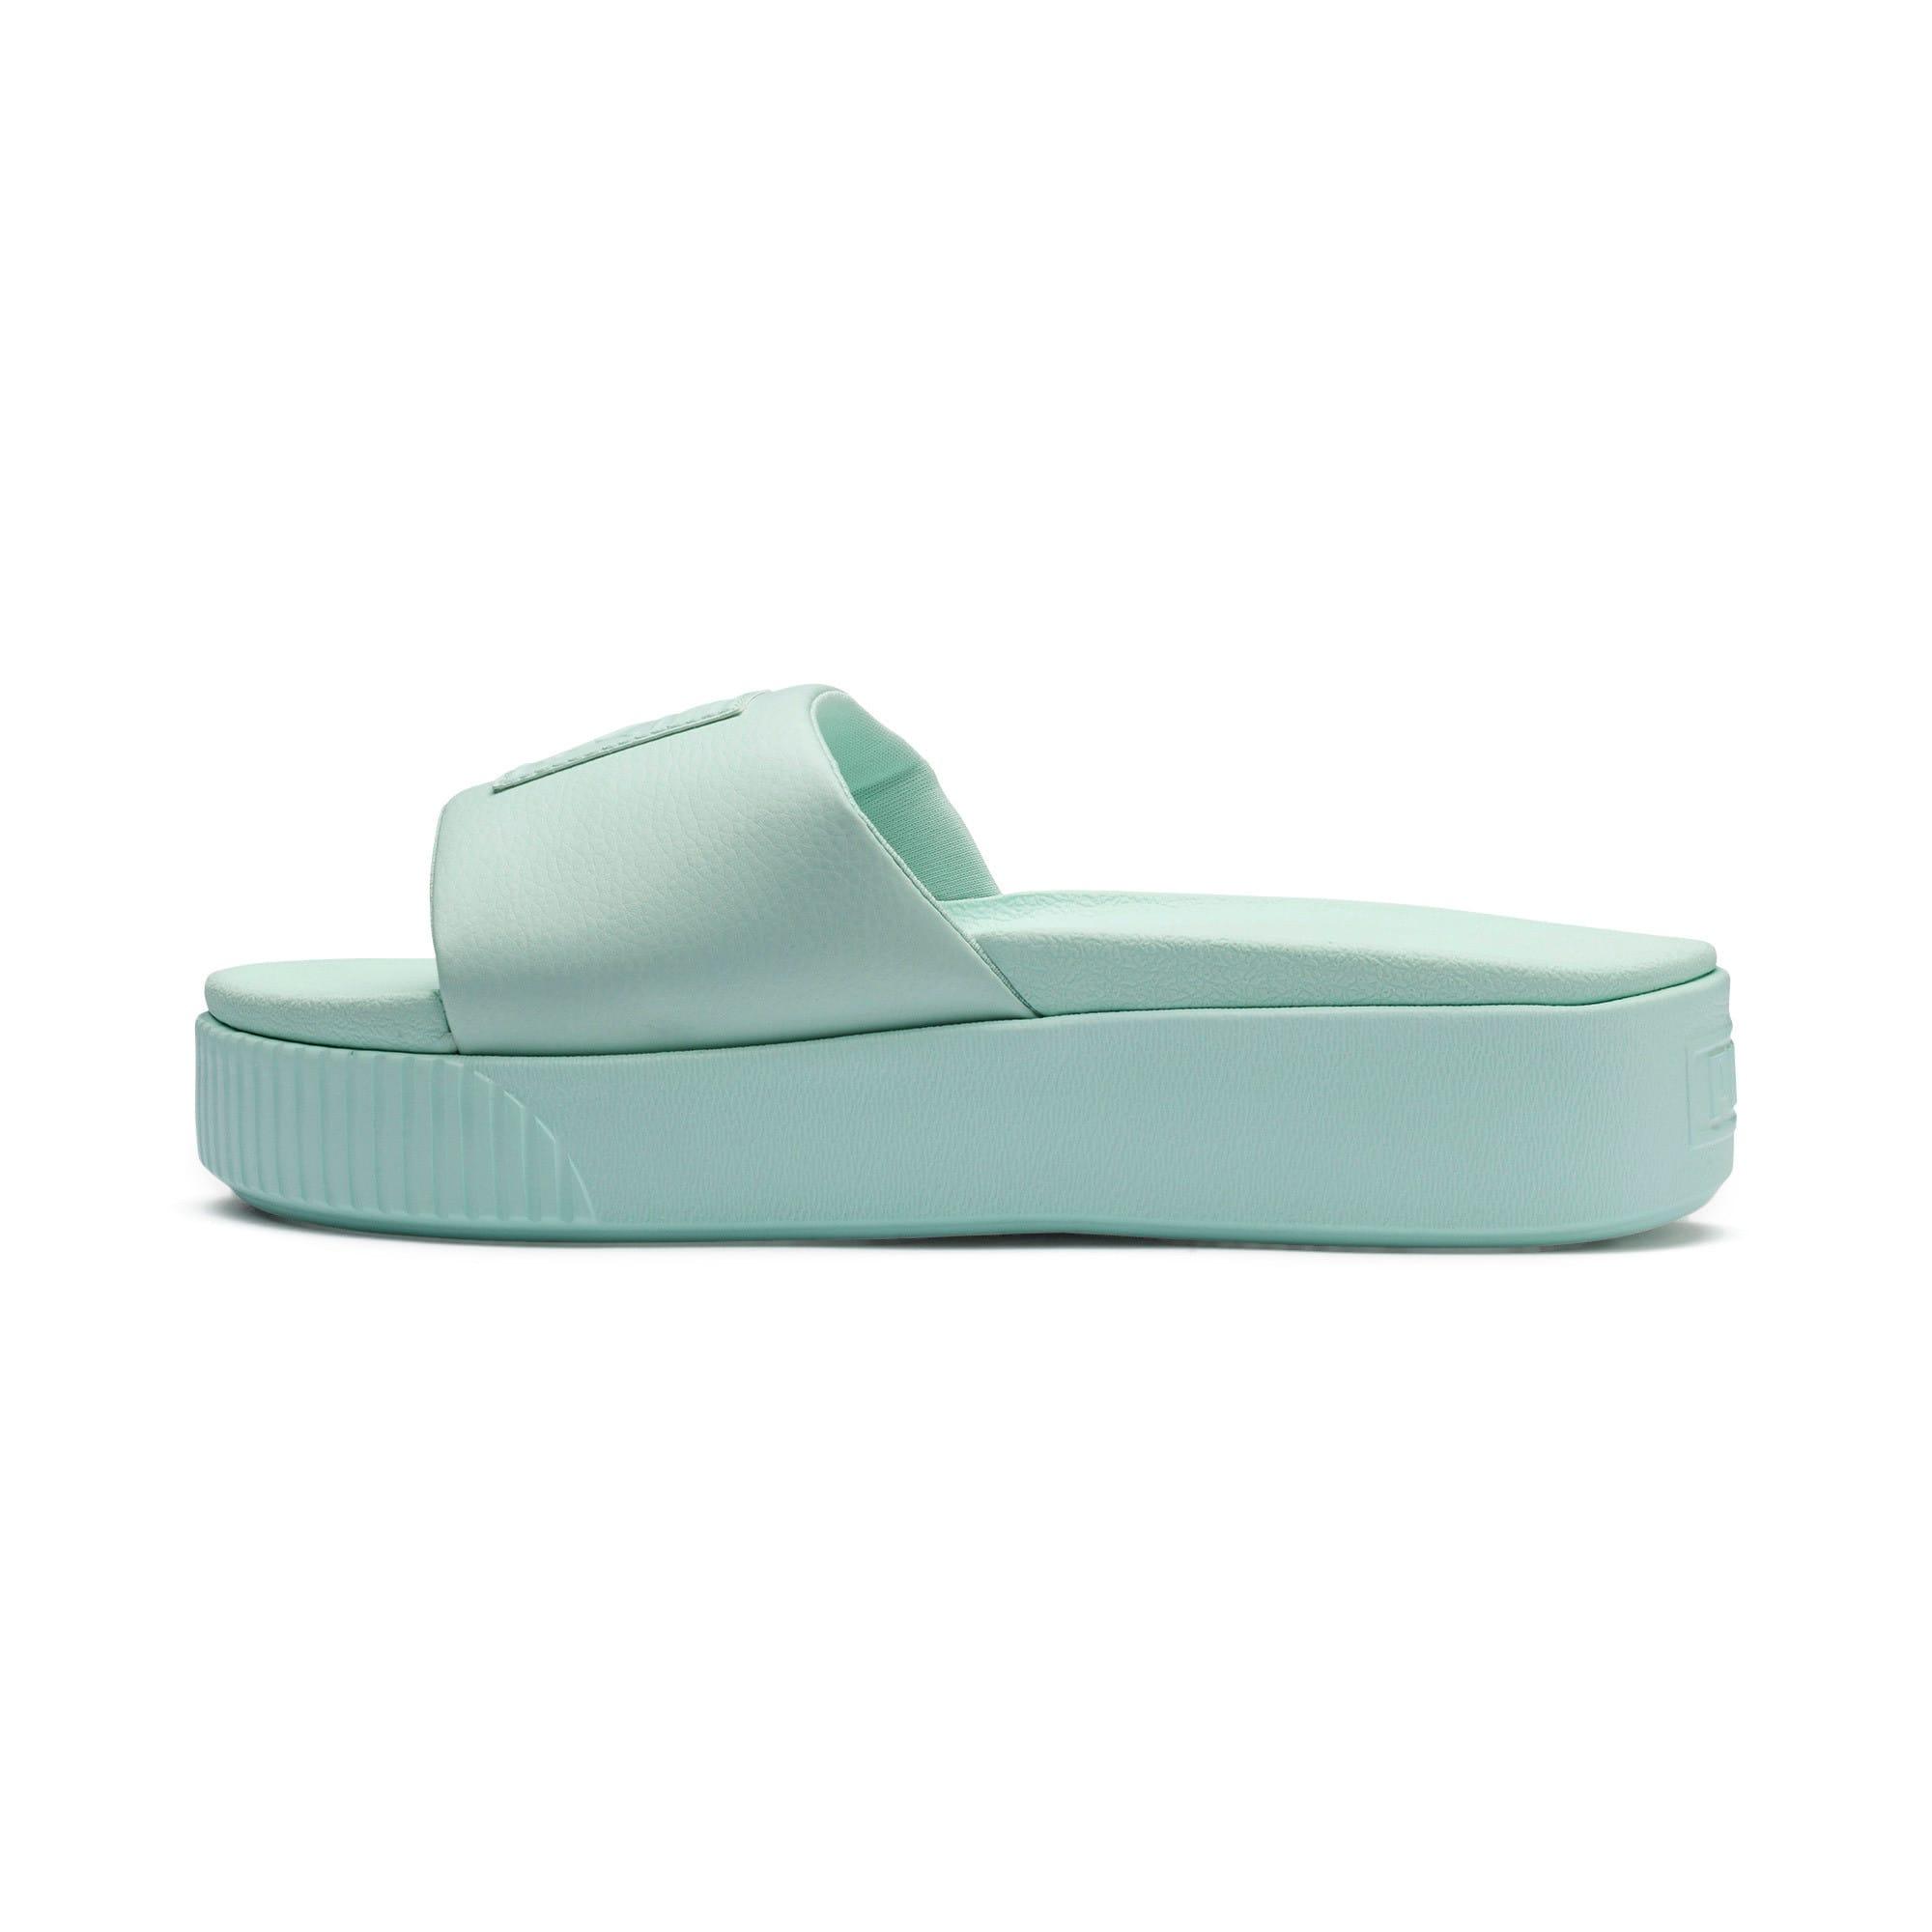 Thumbnail 1 of Platform Slide Women's Sandals, Fair Aqua-Fair Aqua, medium